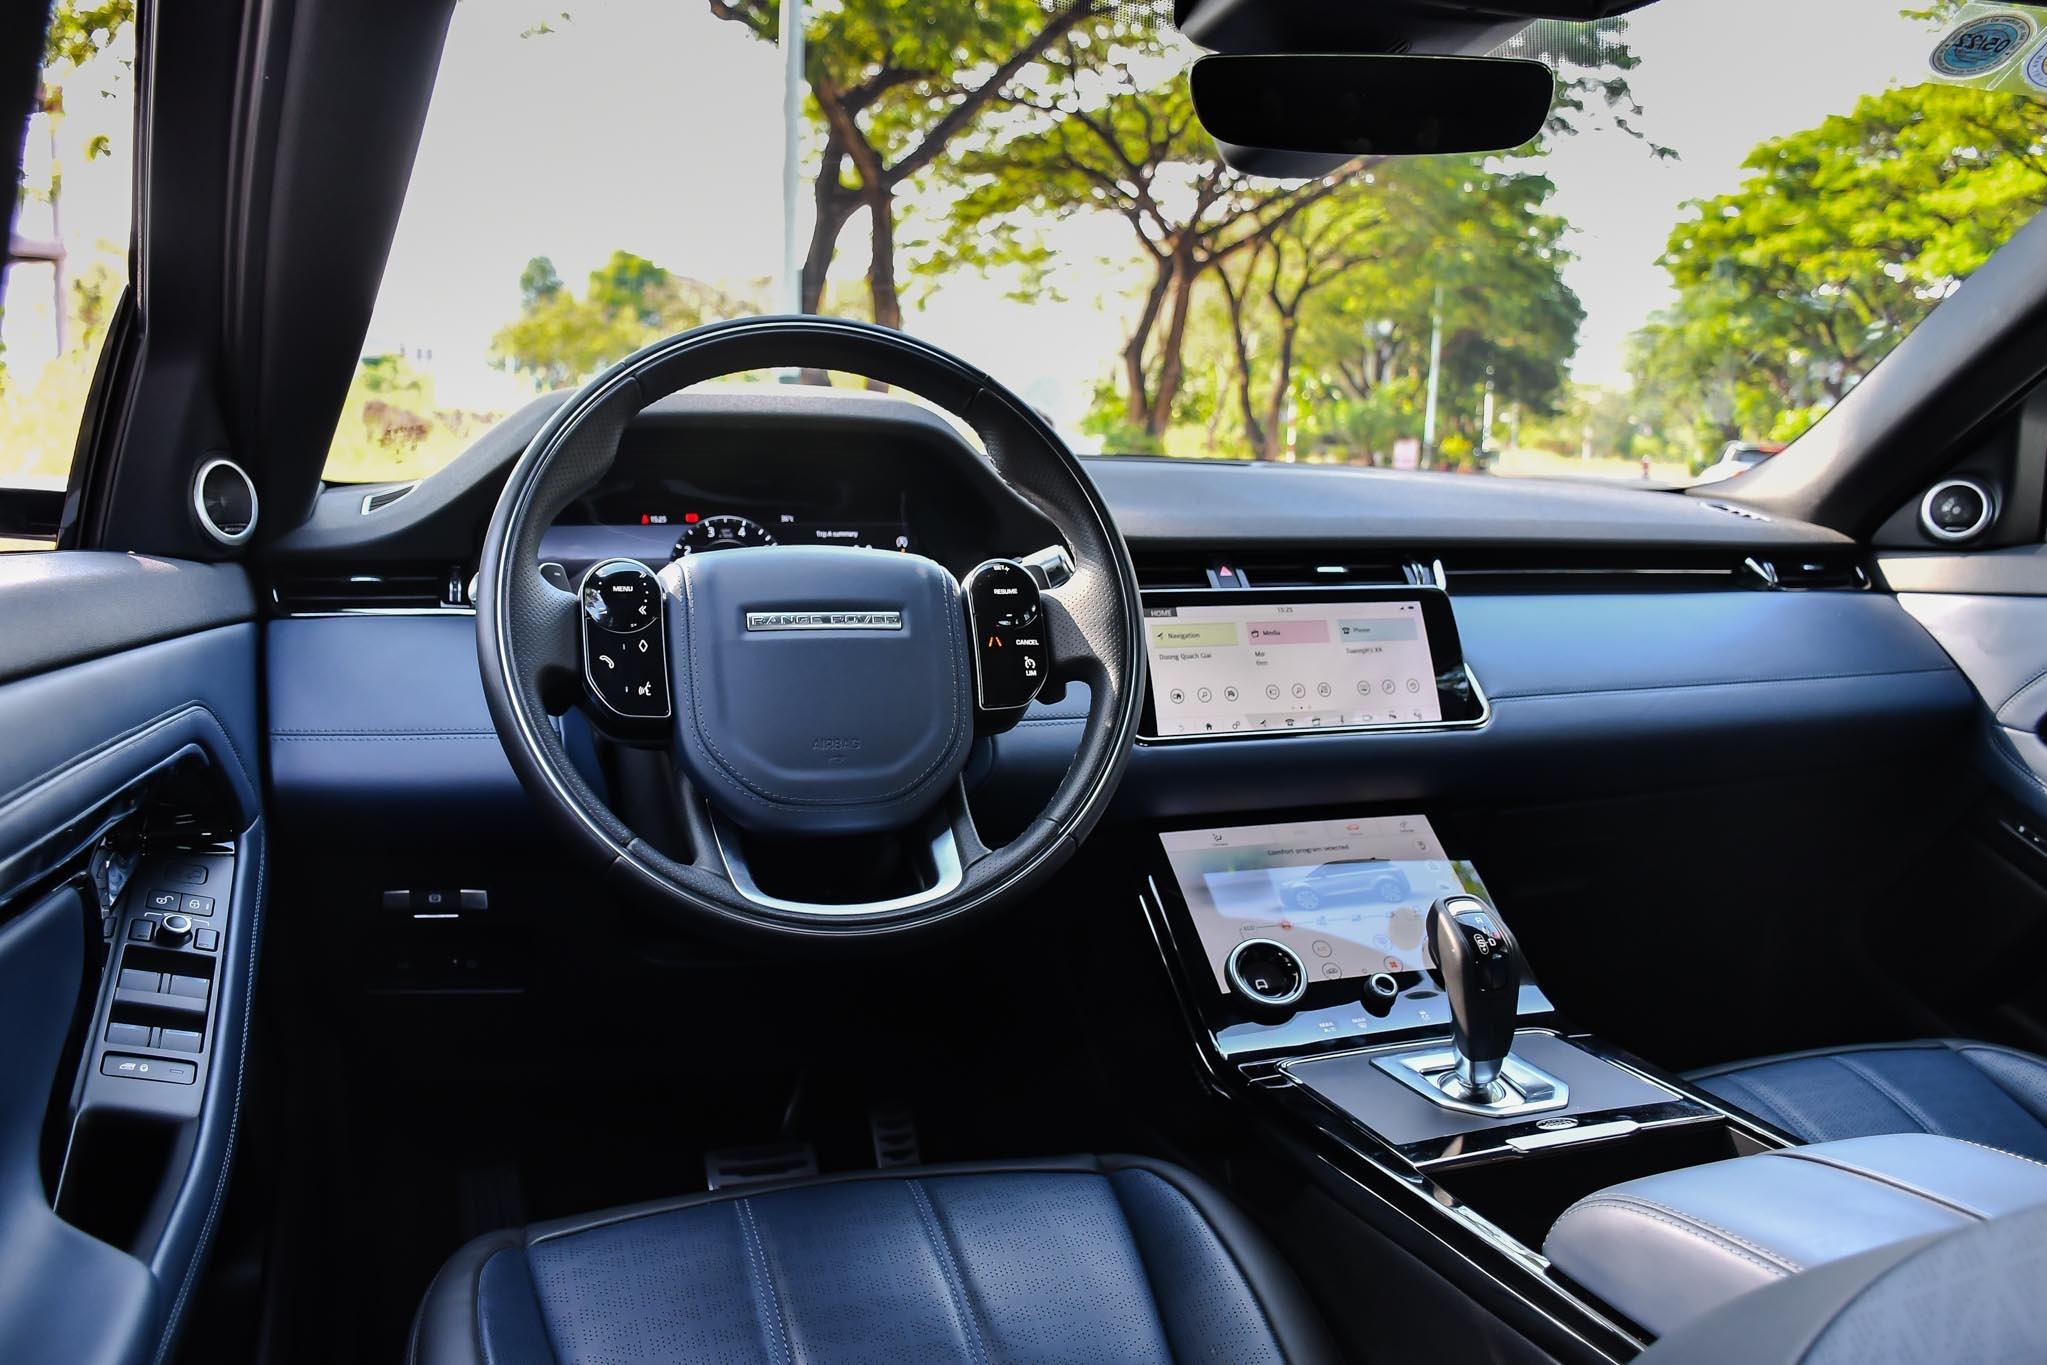 So sanh Range Rover Evoque va Jaguar E-Pace anh 11